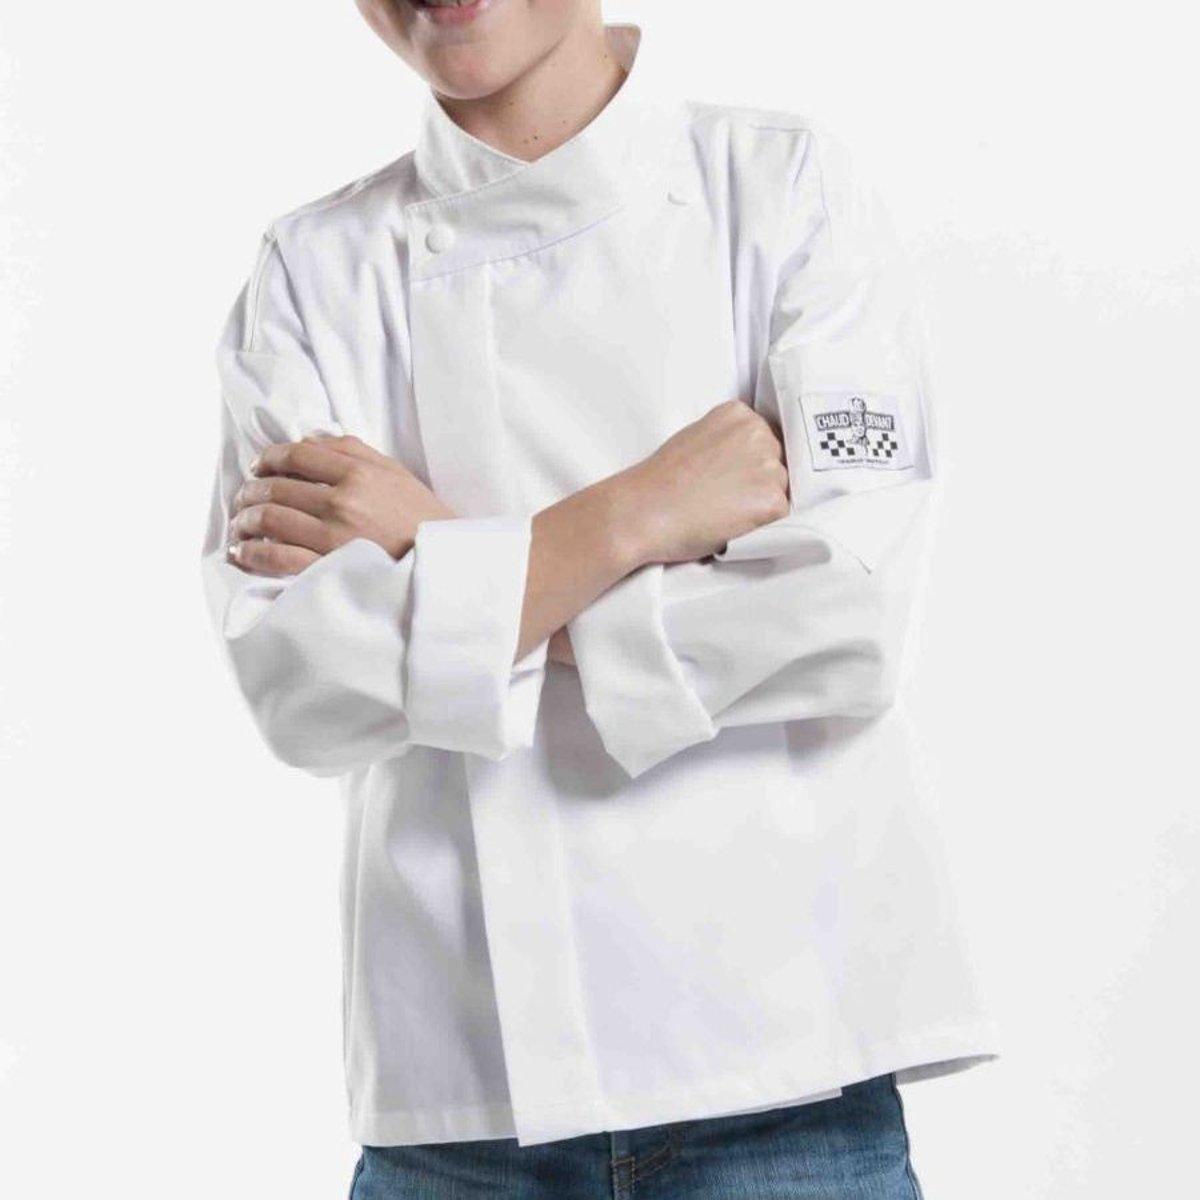 Chaud Devant - Chef Jasje, Koksbuis voor kinderen - Wit - 104 - 110 = 3 - 4 jaar kopen